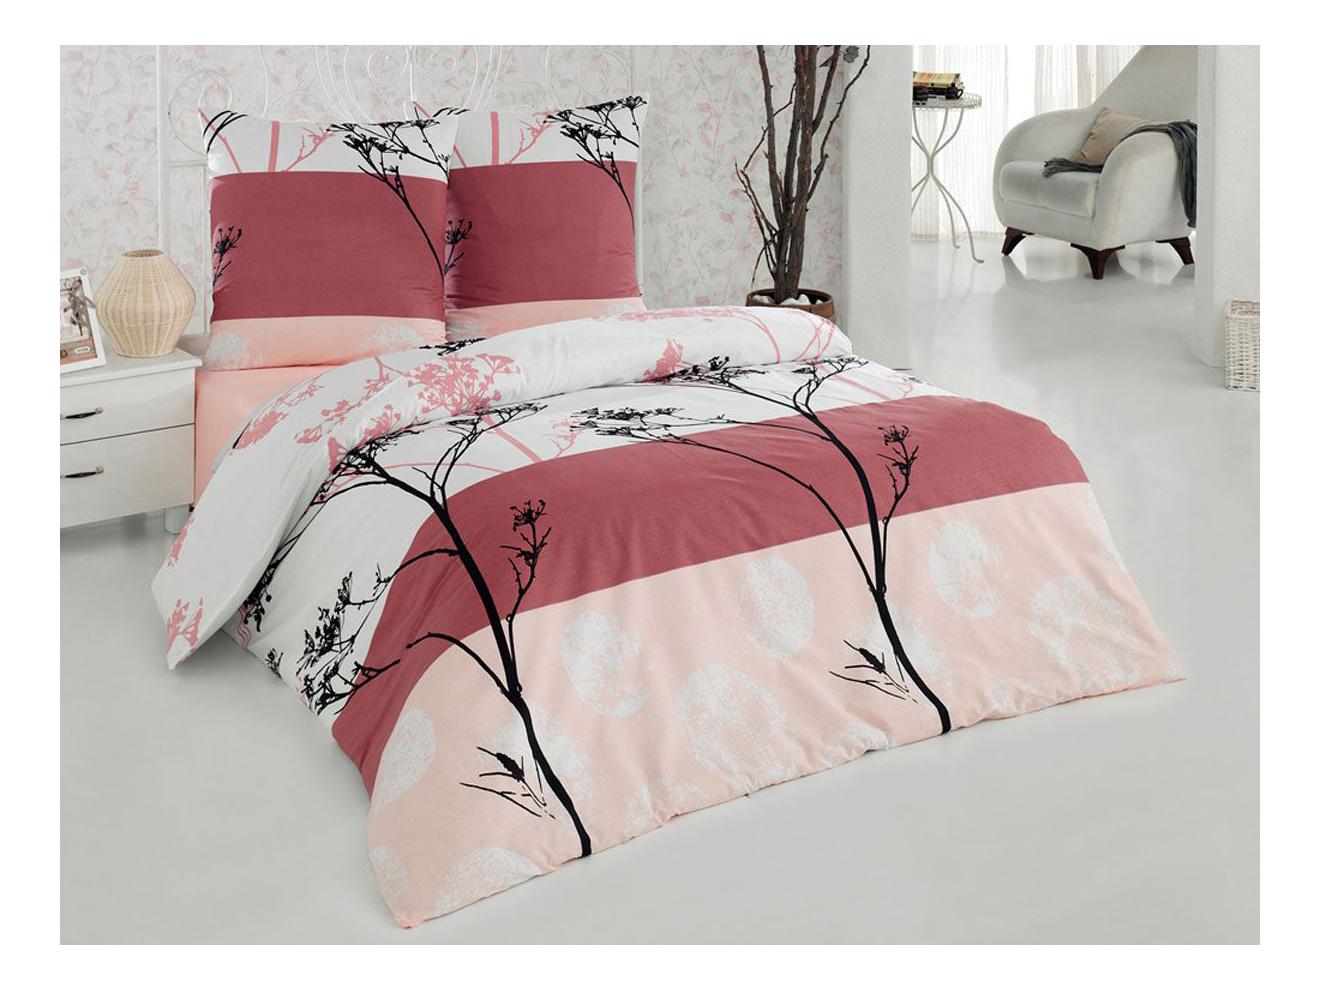 Комплект постельного белья Tete-a-tete classic полутораспальный К-8061 фото